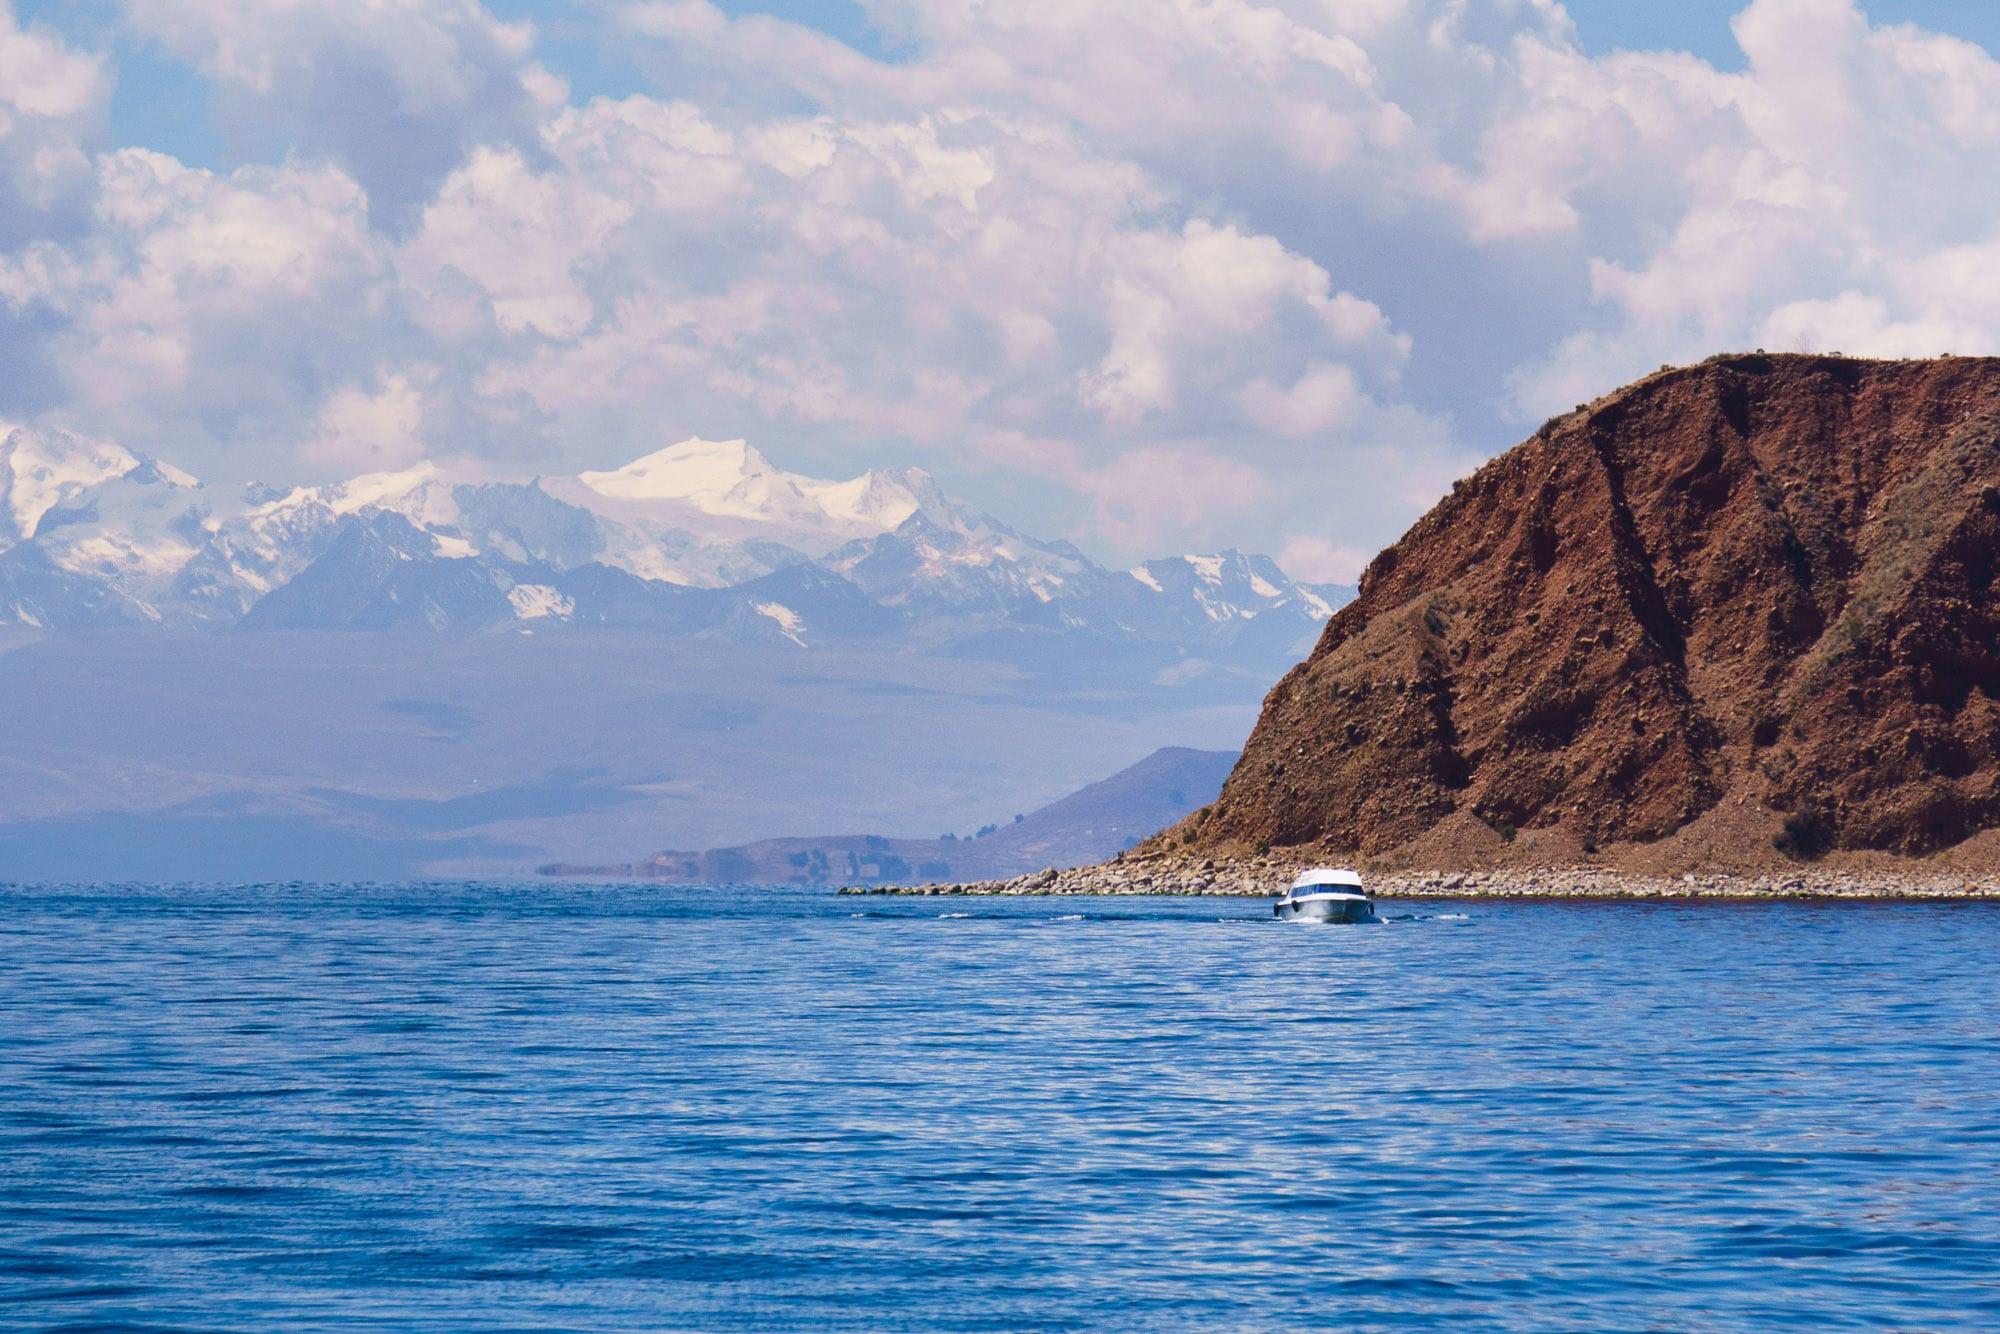 Boat from Isla de la Luna